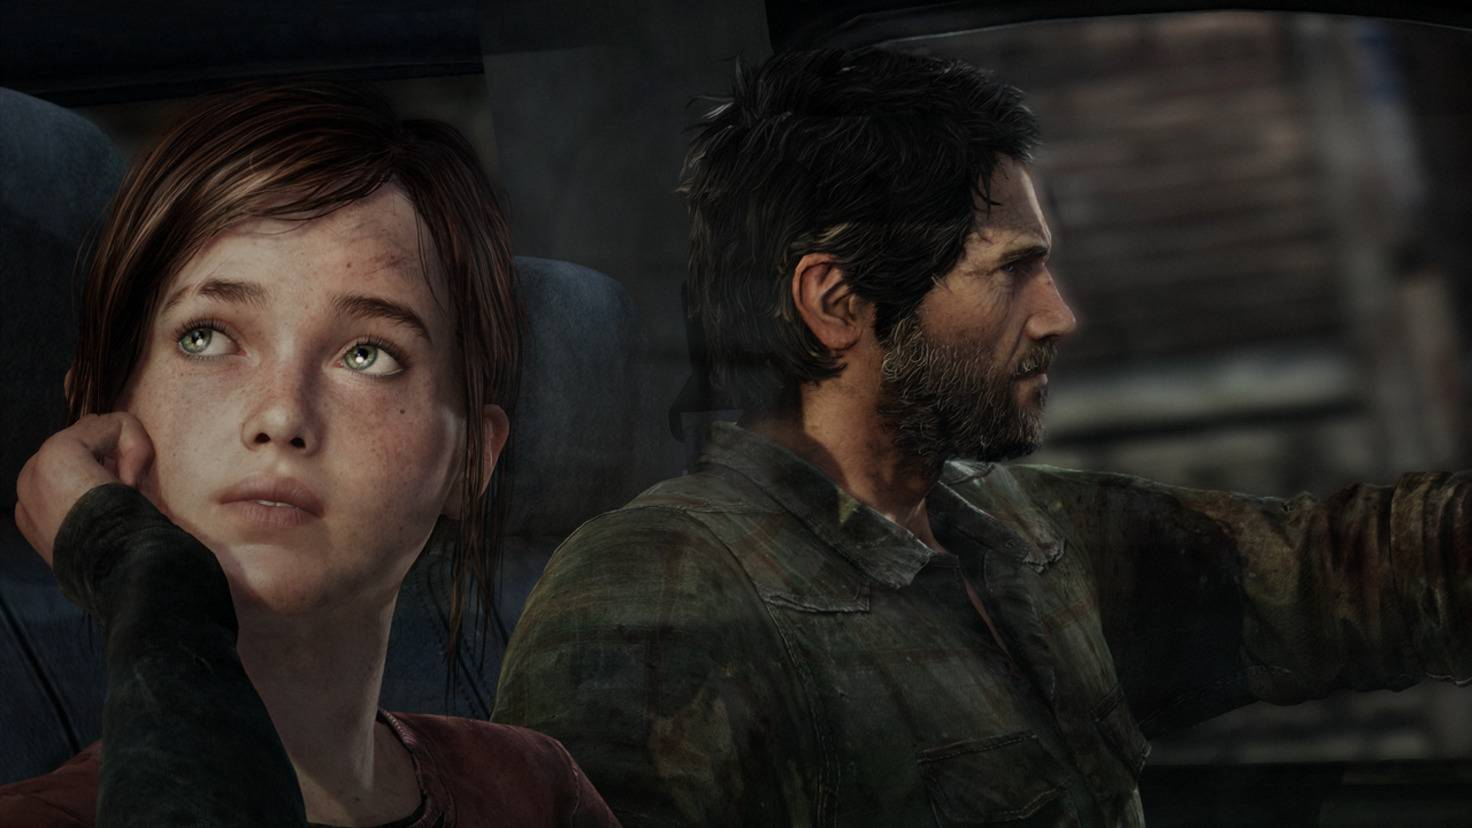 """Rückblende: In """"The Last of Us"""" waren Ellie und Joel gemeinsam unterwegs. In Trailern und Bildern zu Teil 2 tauchte er aber bislang nicht auf. Was ist da los?"""